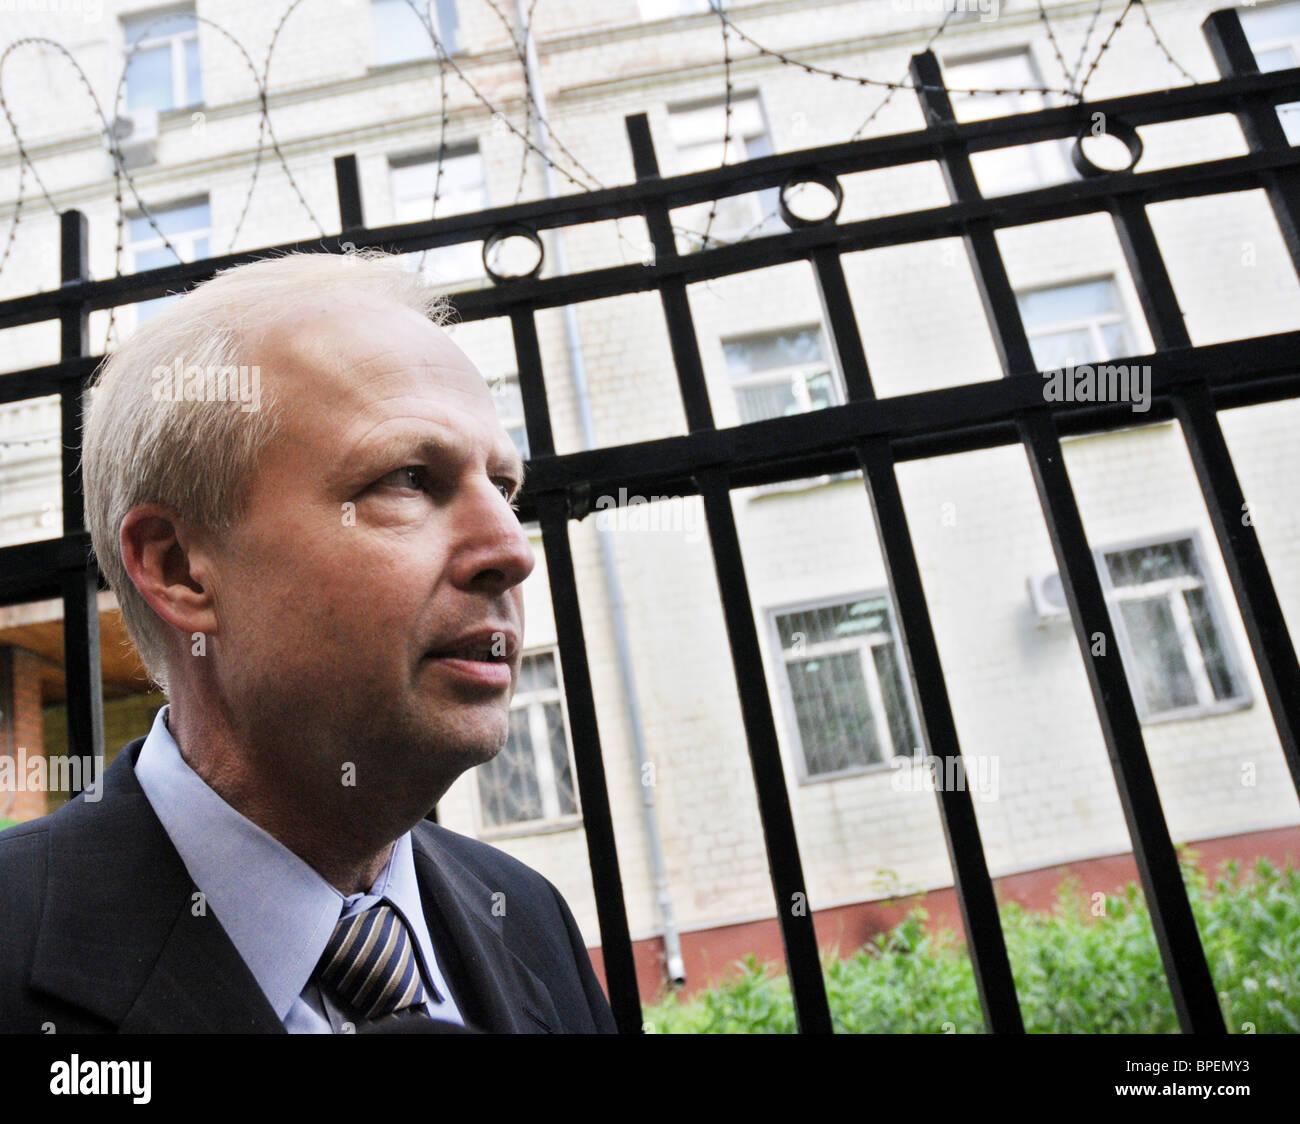 TNK BP jefe ejecutivo interrogó en la evasión fiscal probe Imagen De Stock